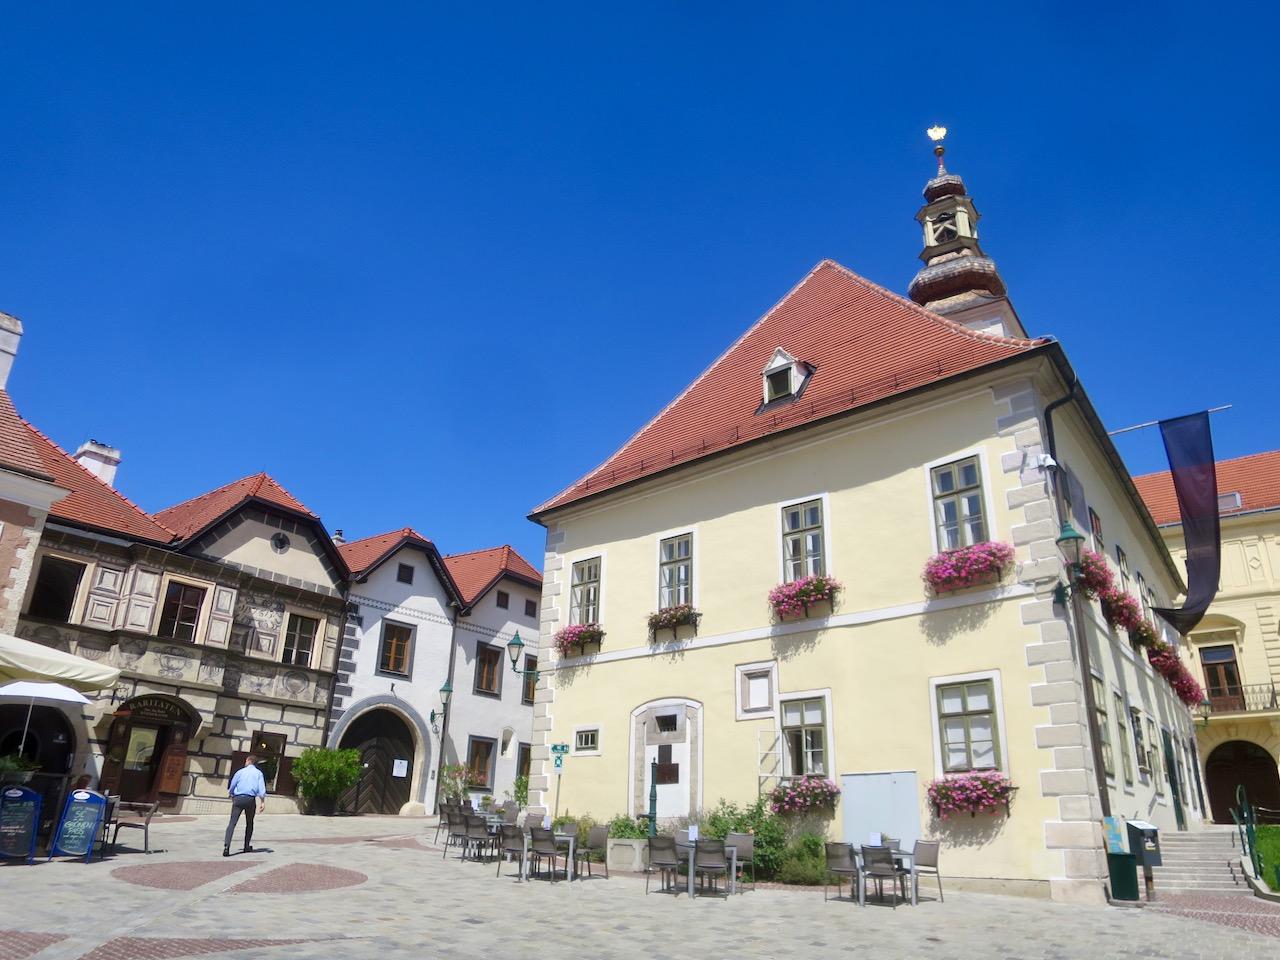 Prefeitura de Mödling